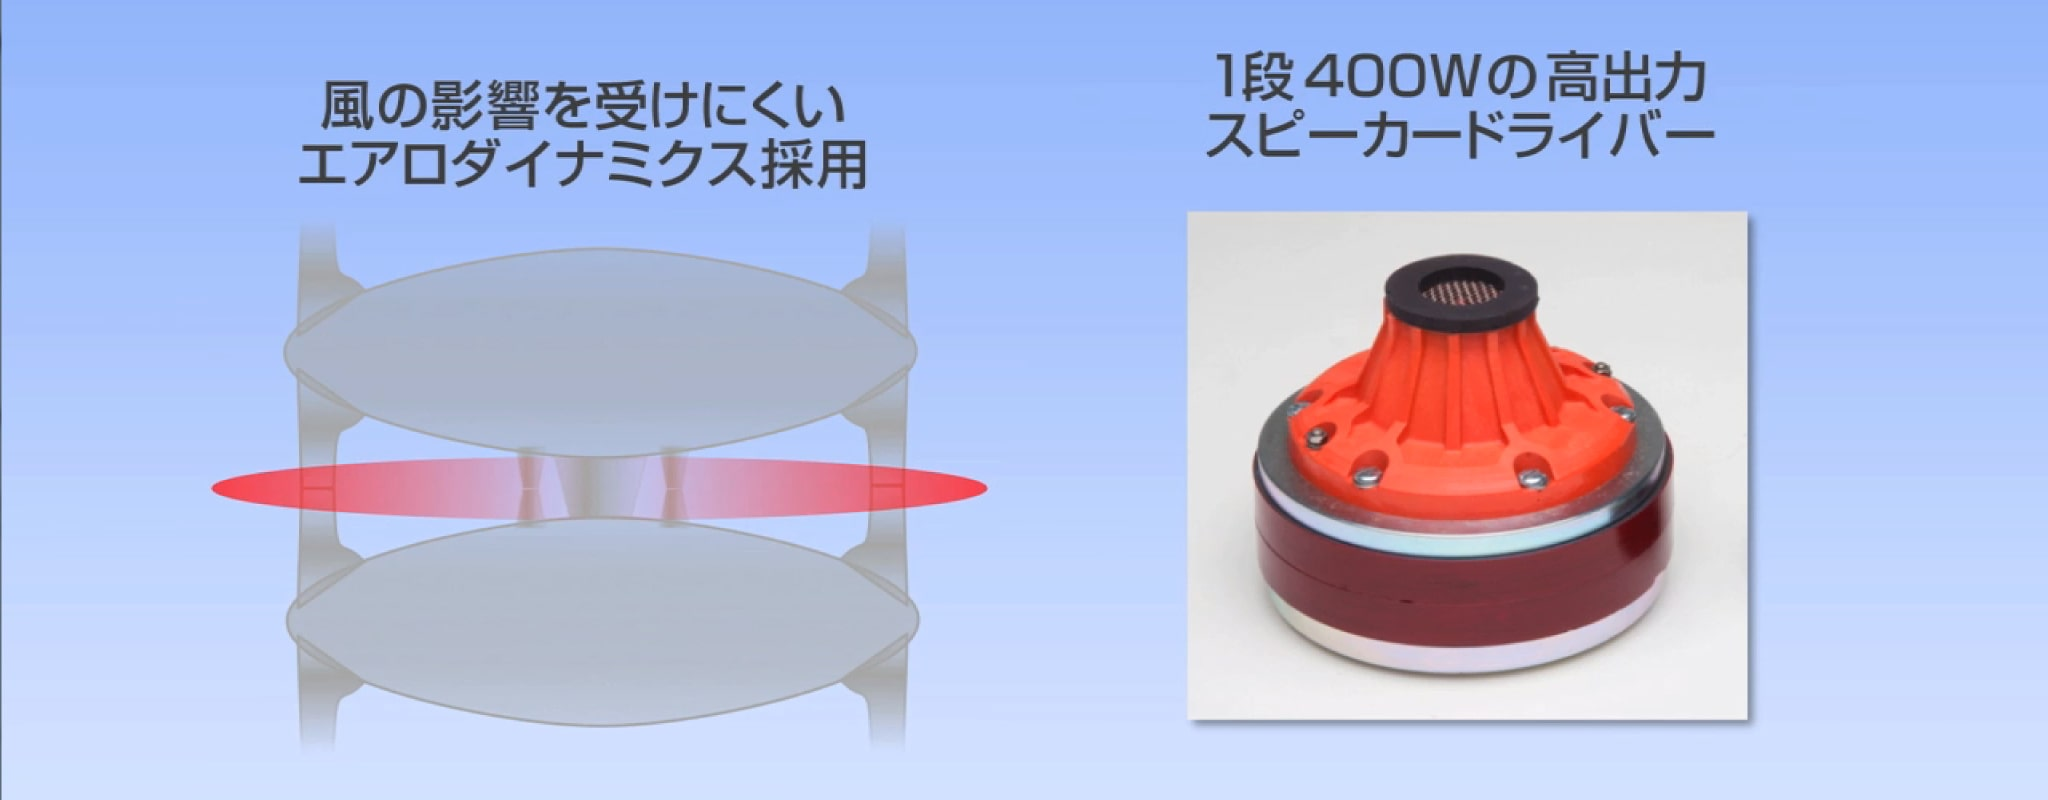 風の影響を受けにくいエアロダイナミクス採用/1段400Wの高出力スピーカードライバー